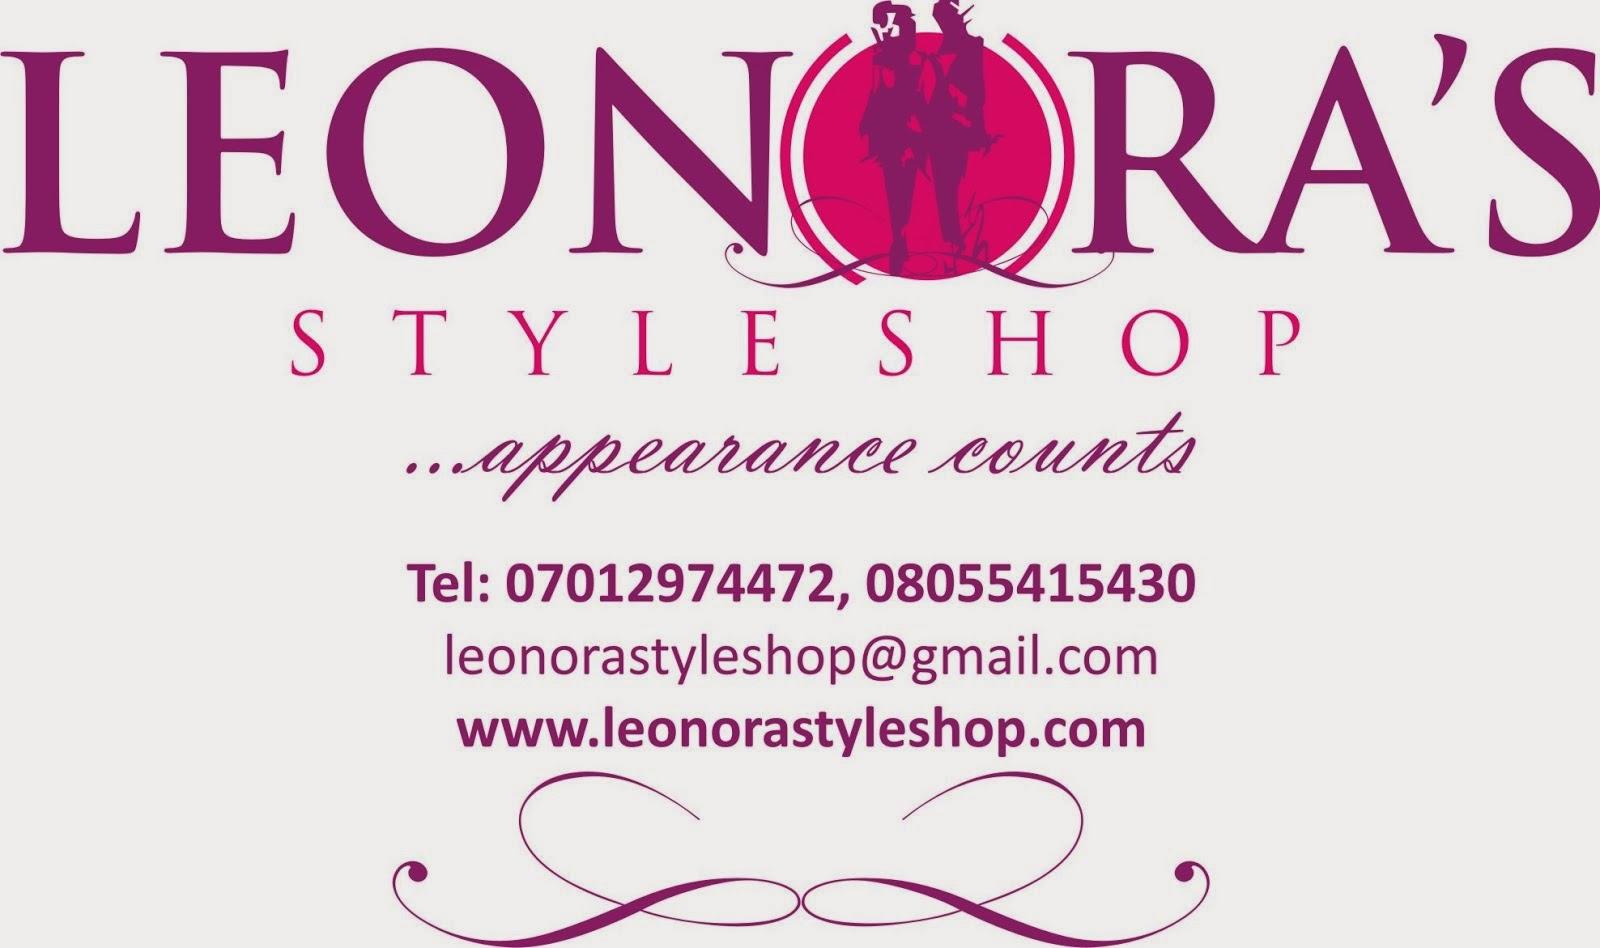 Leonora's Styleshop